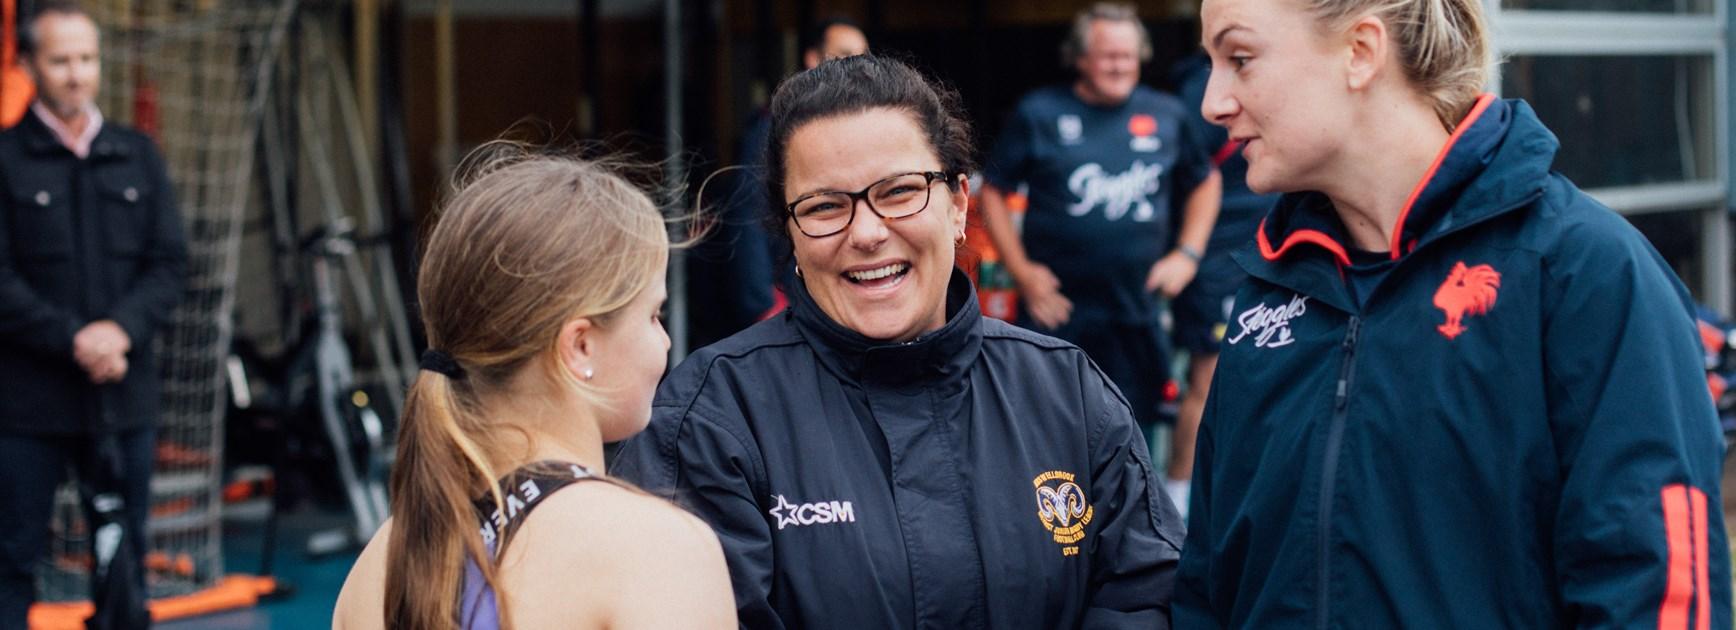 Women in League award winner Biance Johnston.